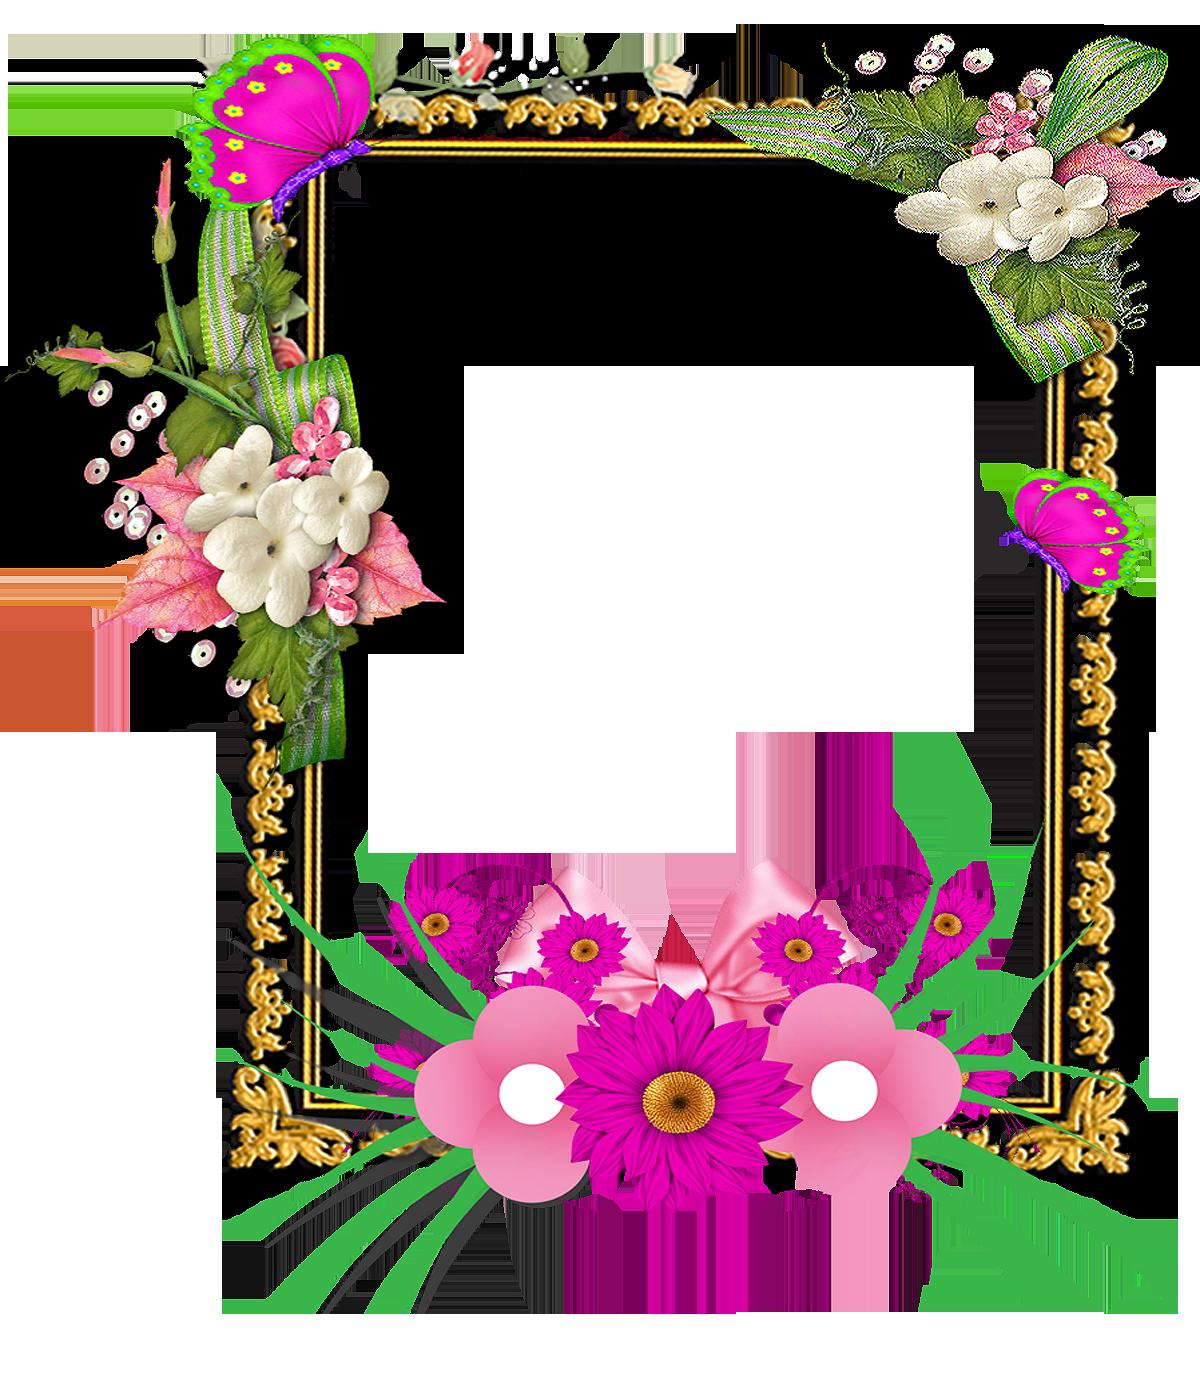 Marcos de fotos de flores 2018  PNG